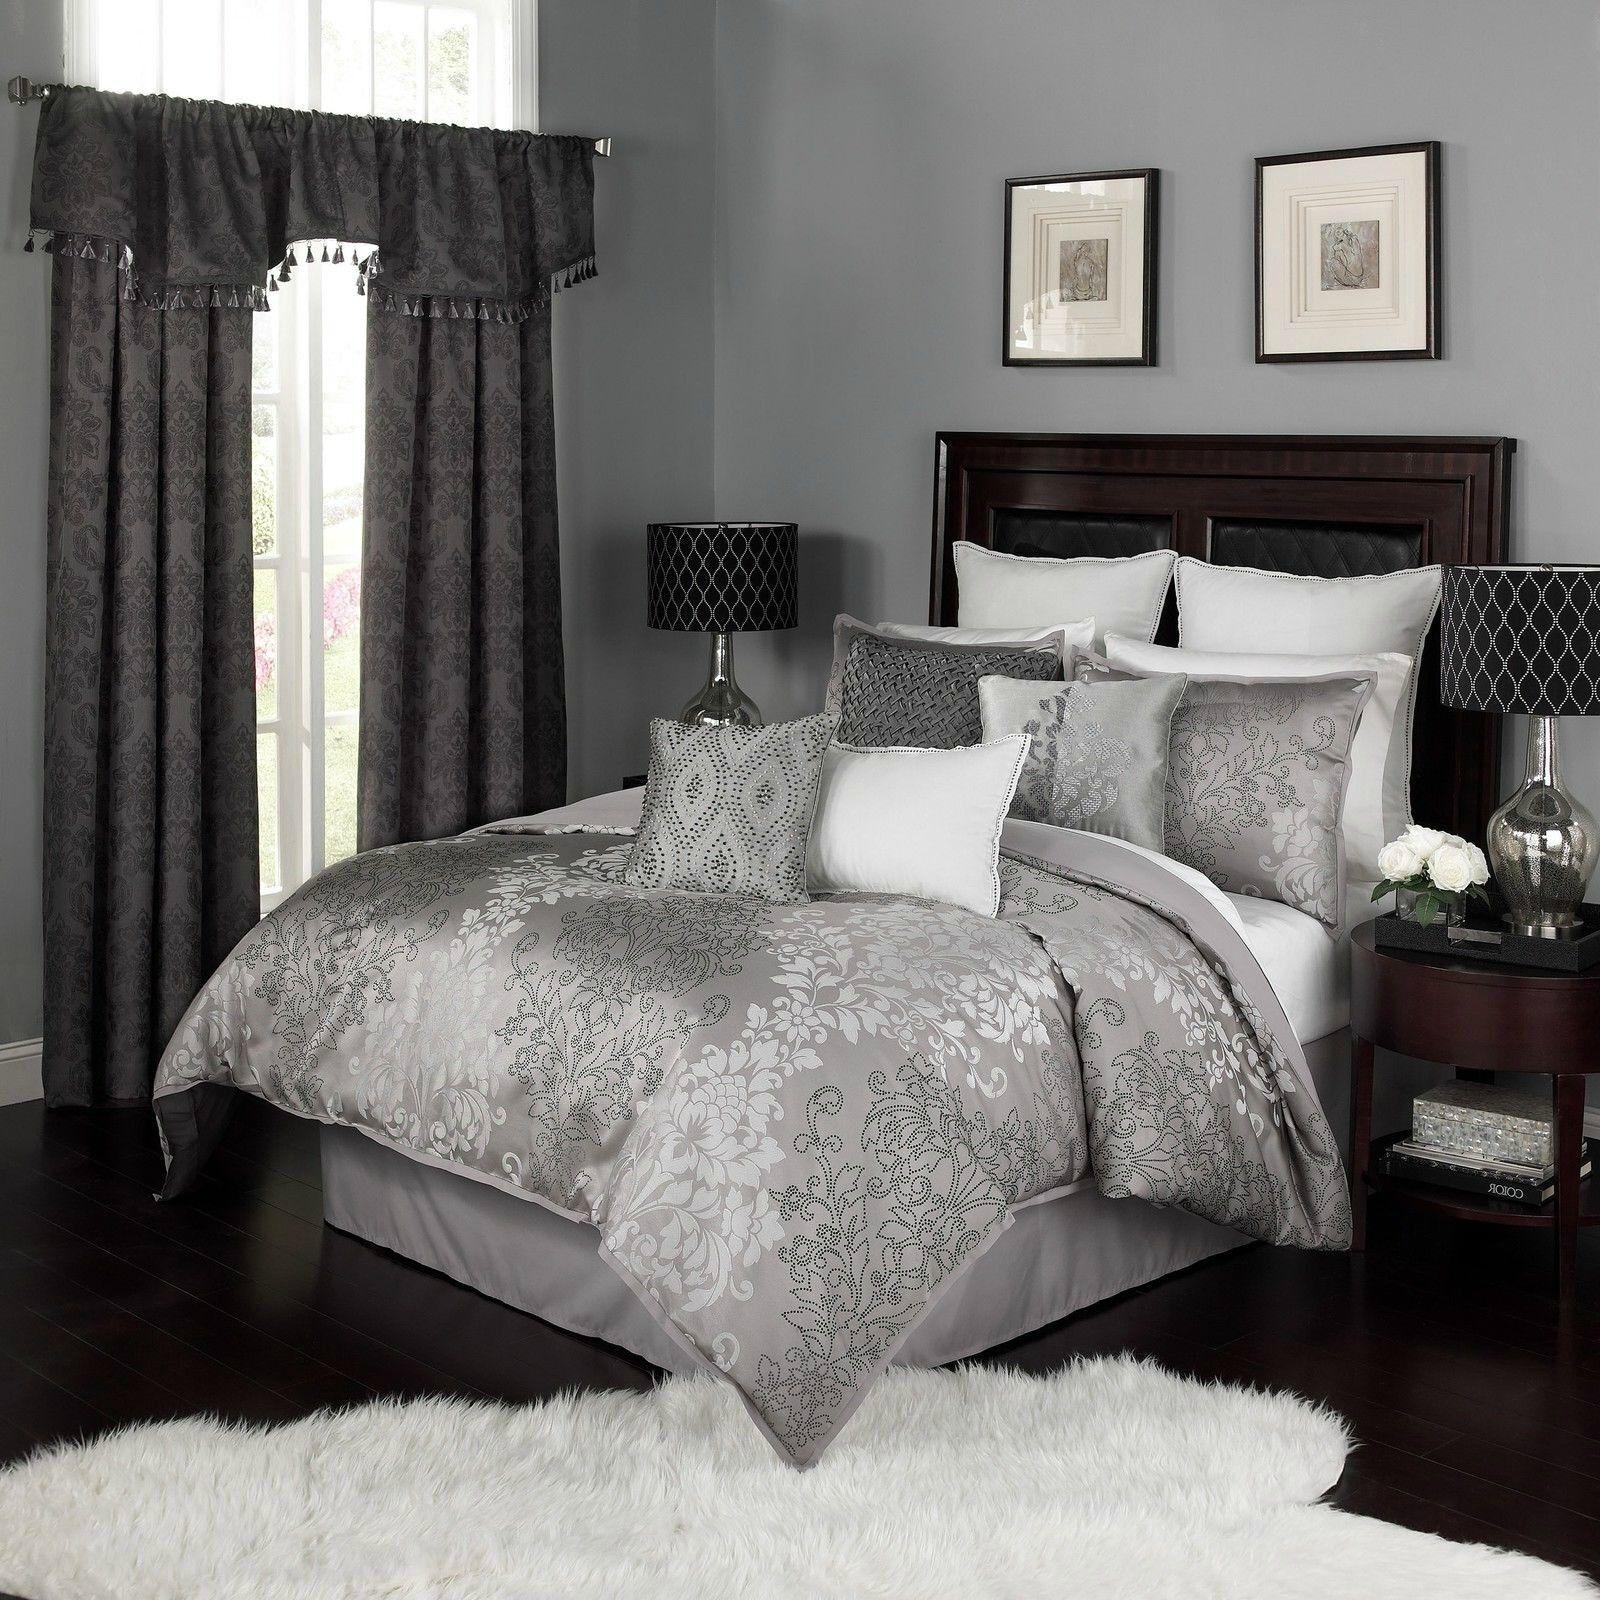 Elegant Jacquard Silber grau Damask Comforter 4 pcs King Queen Bedding Set